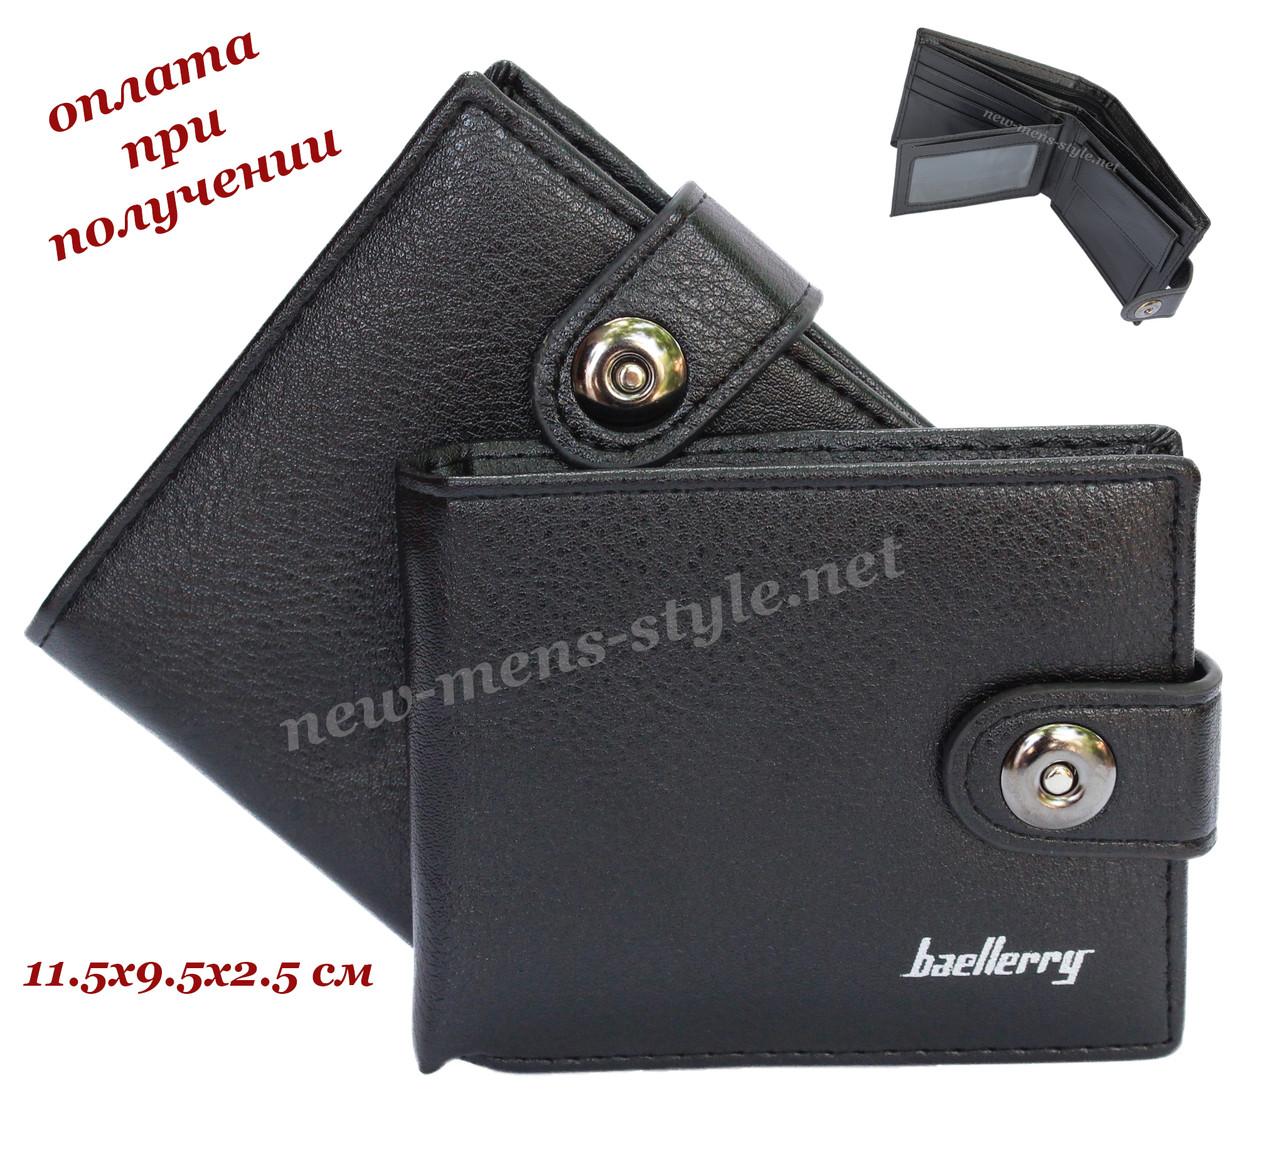 Чоловічий чоловічий шкіряний шкіряний гаманець портмоне гаманець Baellerry